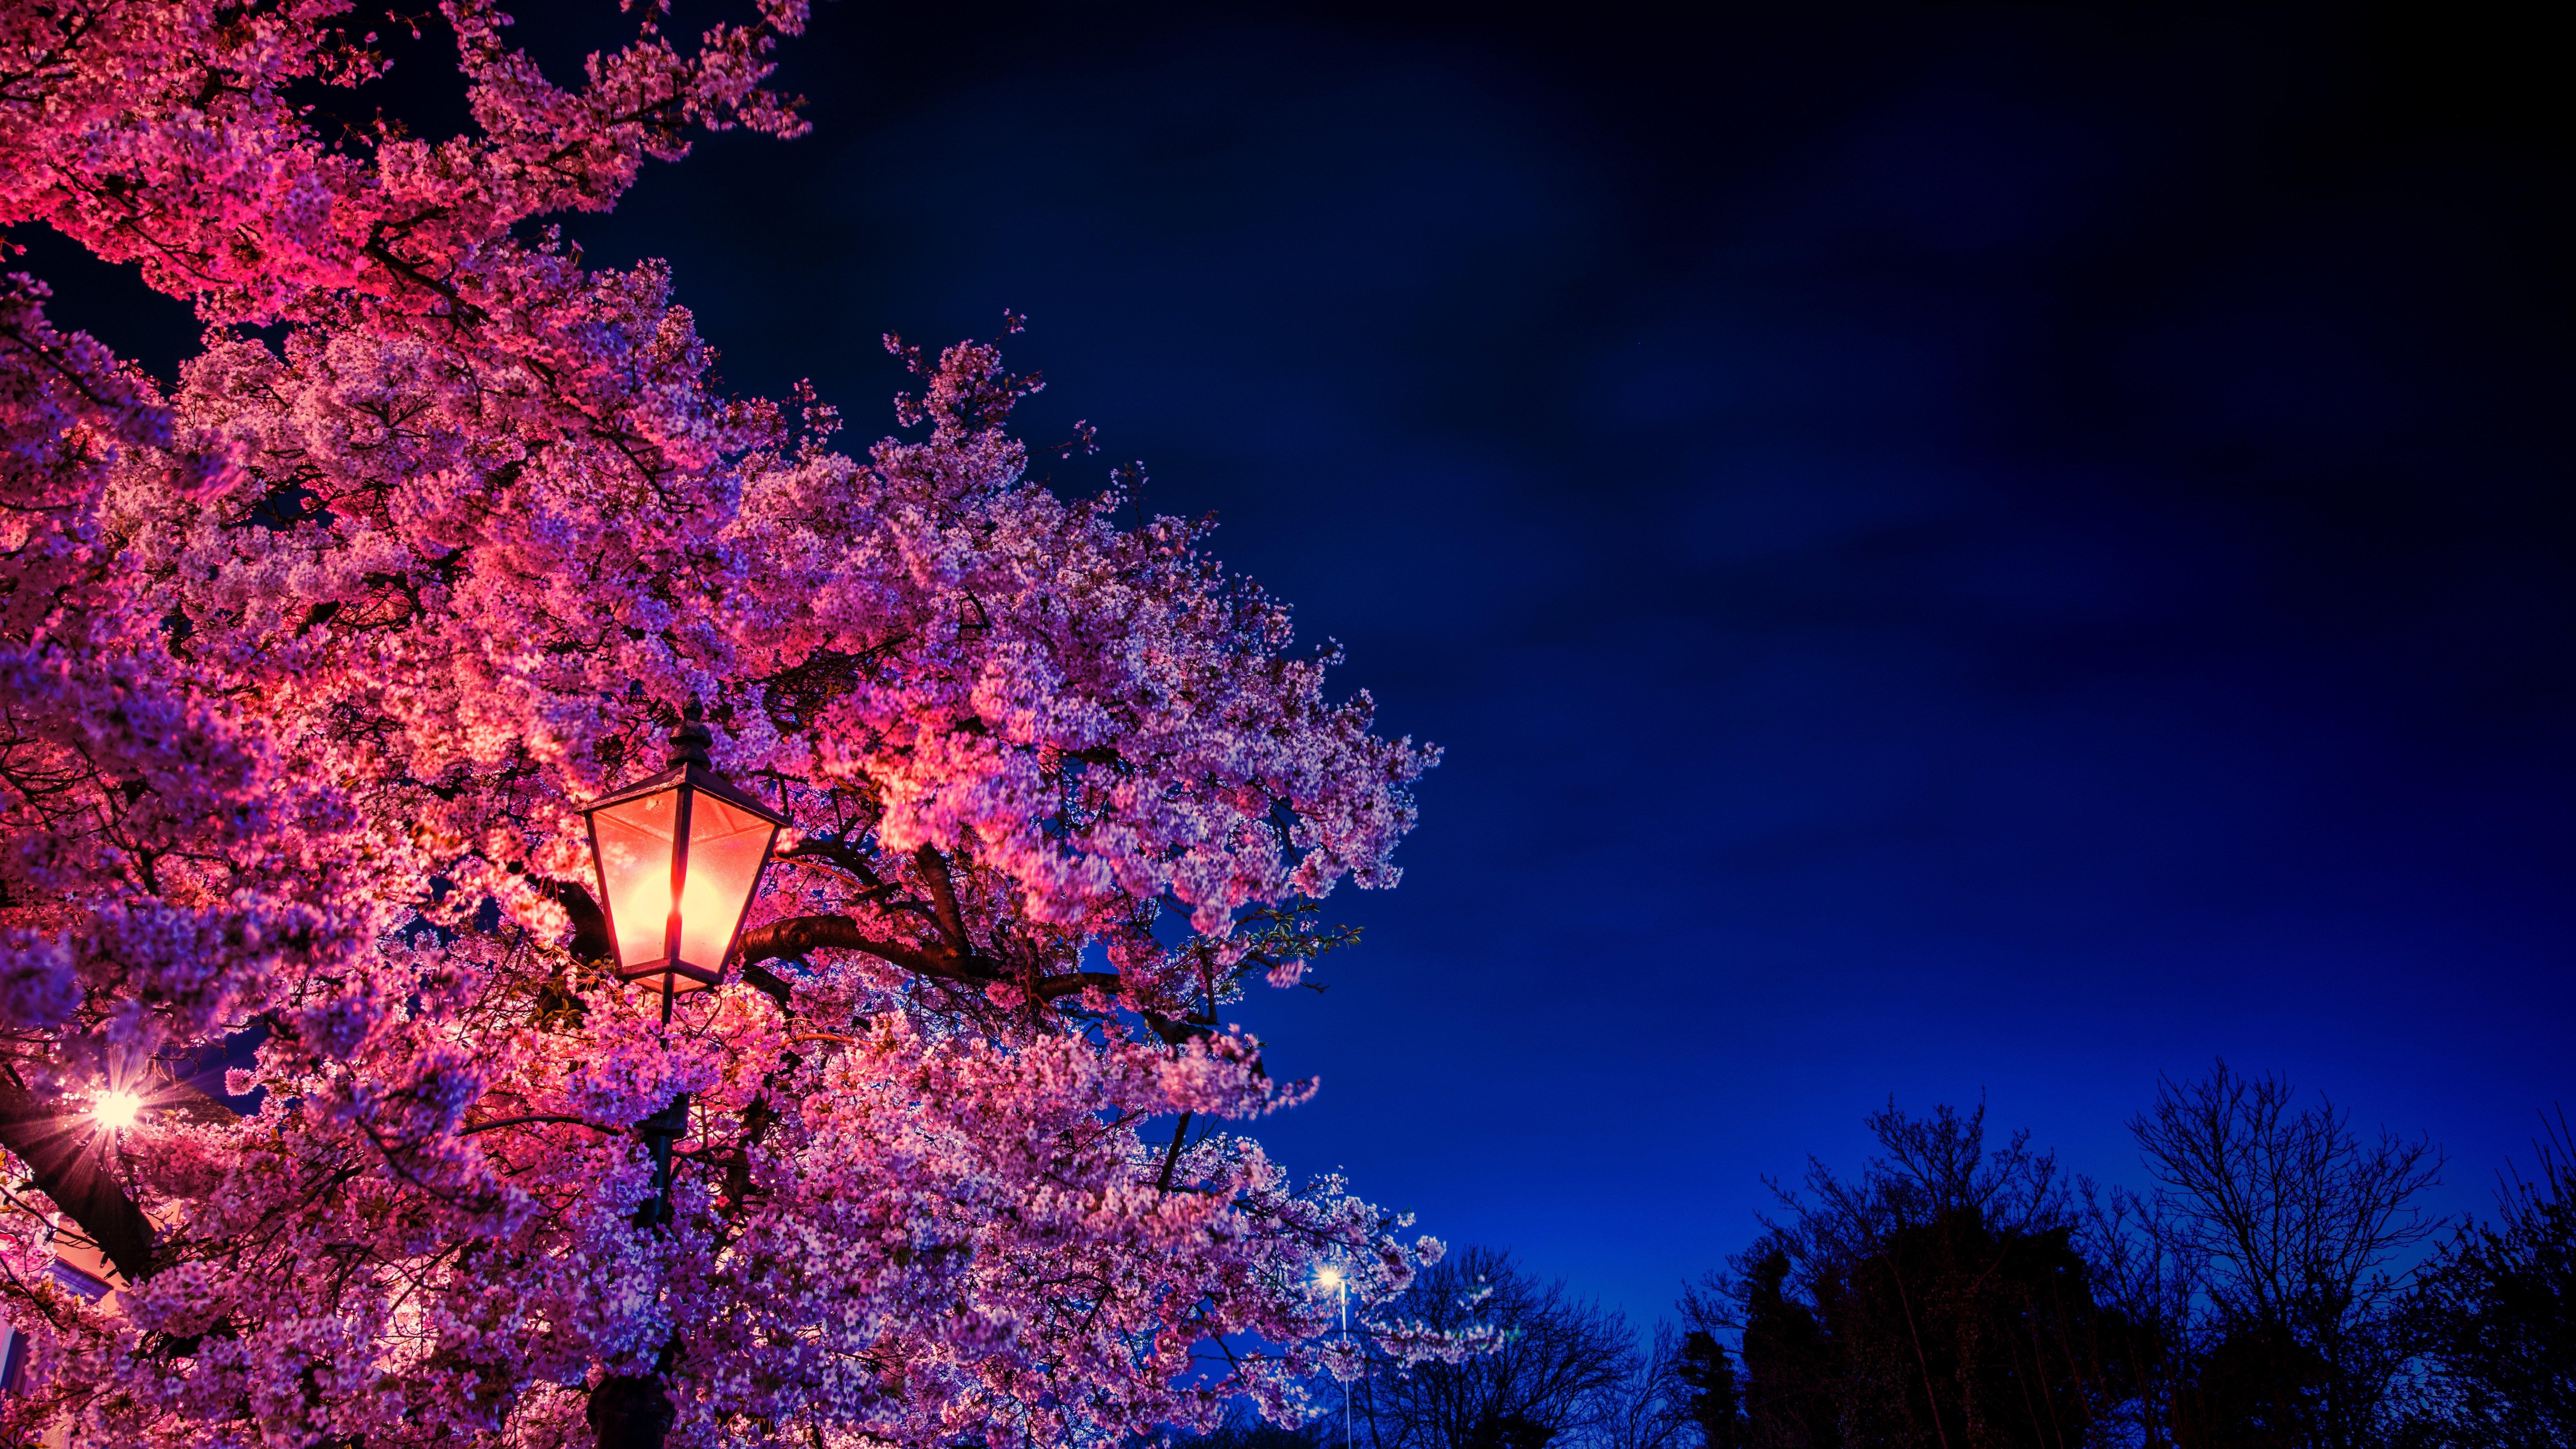 Fondos de pantalla Cerezo a la luz de la noche